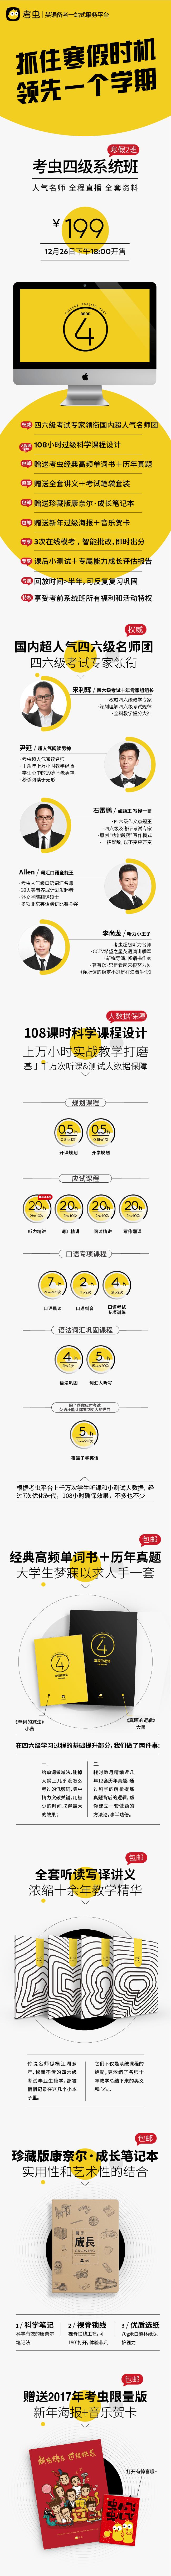 考虫4级系统班寒假班-201.png